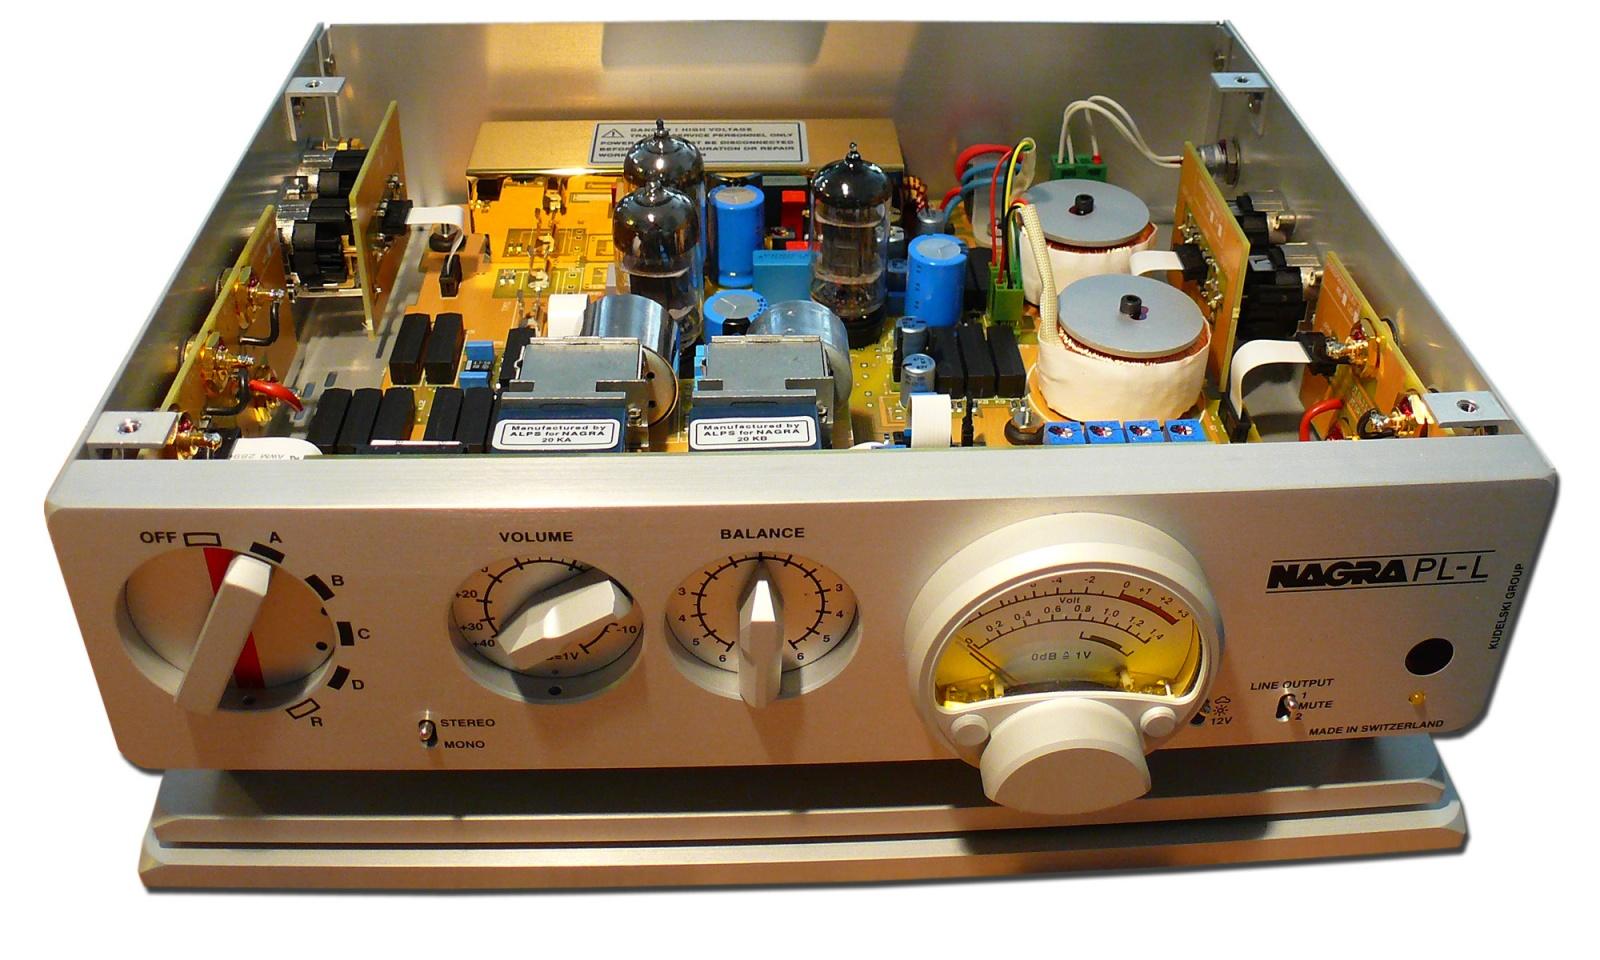 """Дизайн и звук: классика модерна, британский ответ Японии, кассетник """"космической эры"""" и брутальные швейцарцы - 12"""